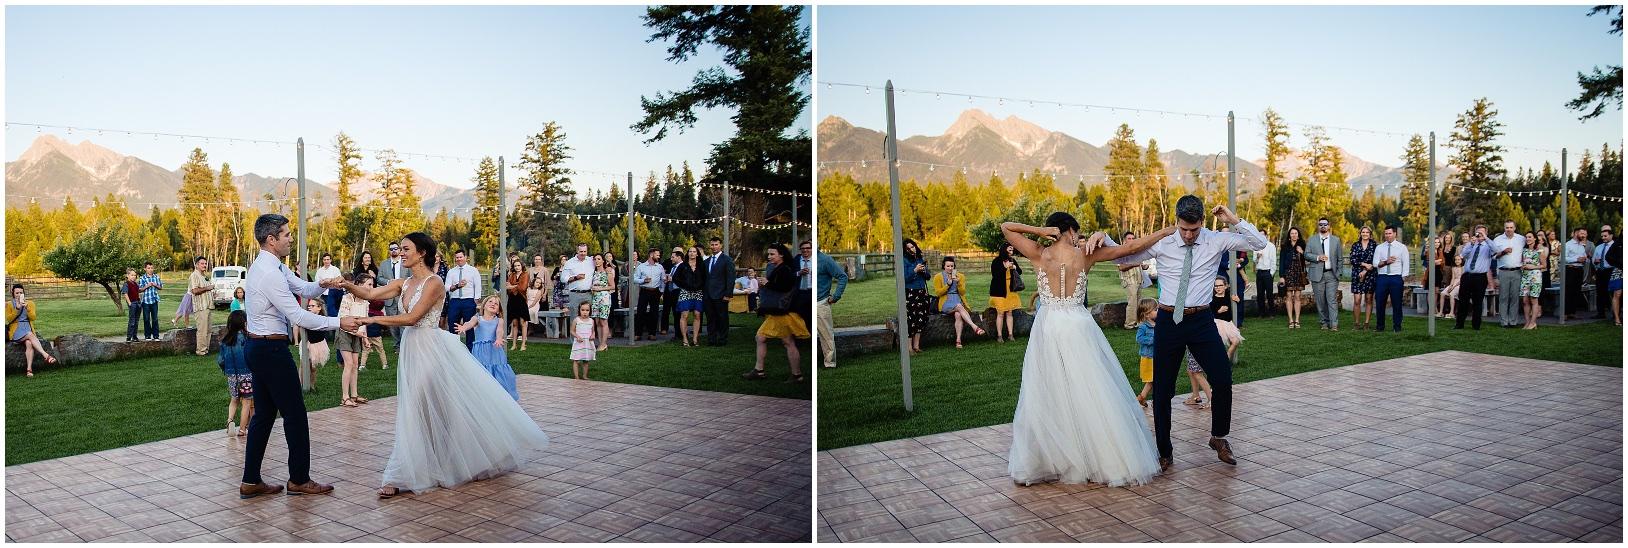 lindseyjane_weddings0135.jpg